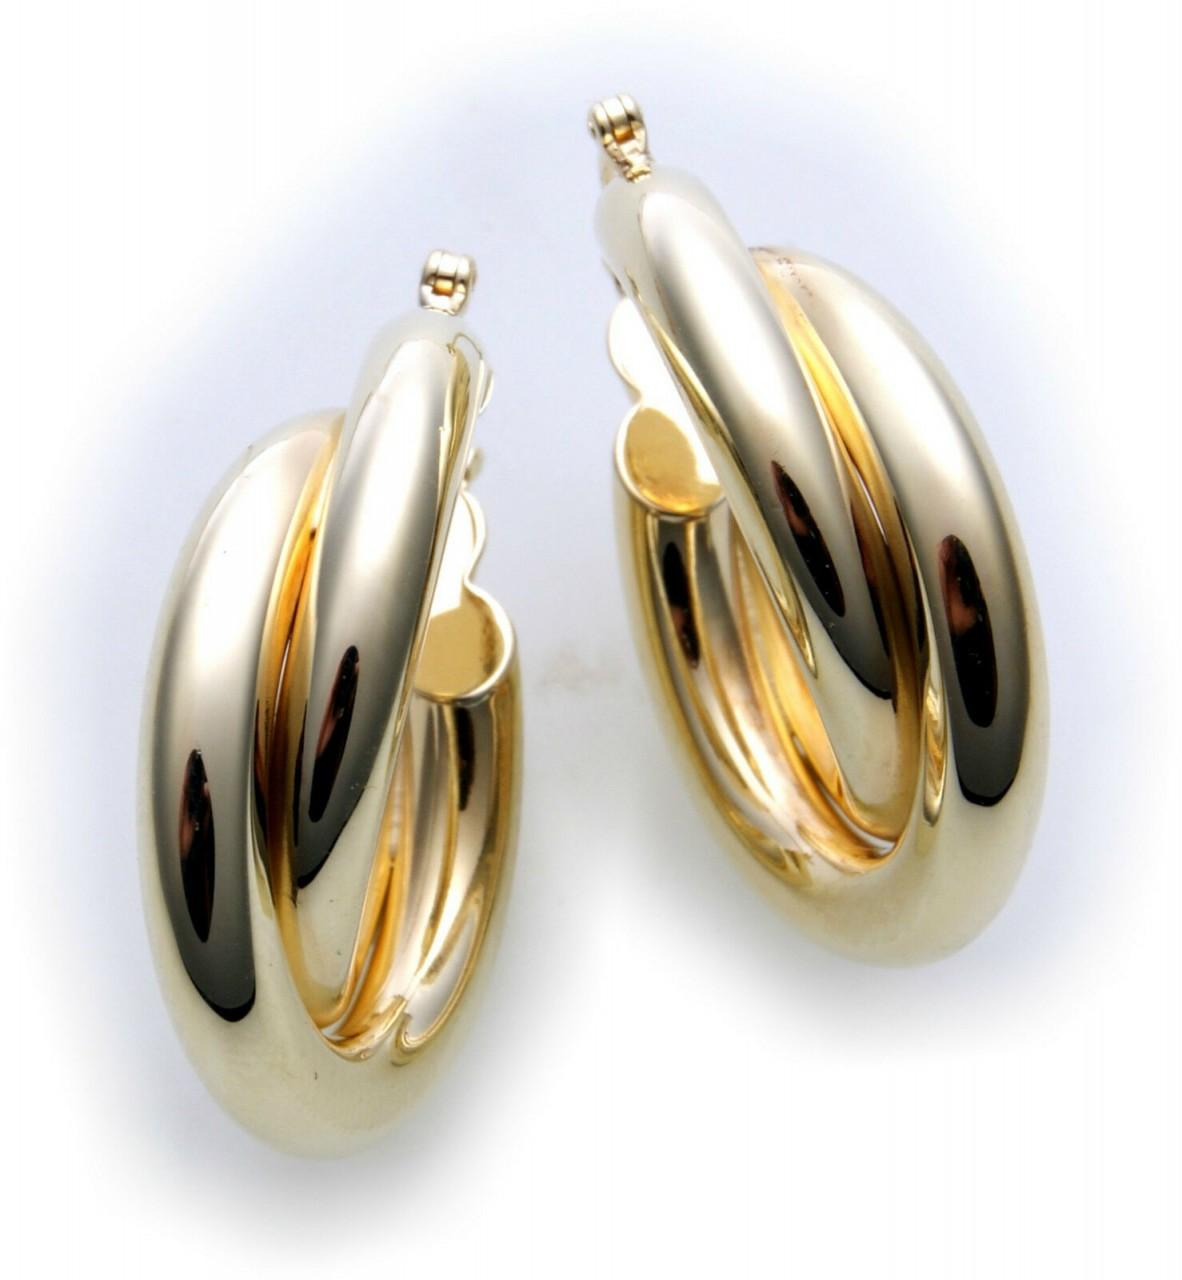 Sonderpreis Damen Ohrringe Klapp Creolen echt Gold 585 Gelbgold Qualität